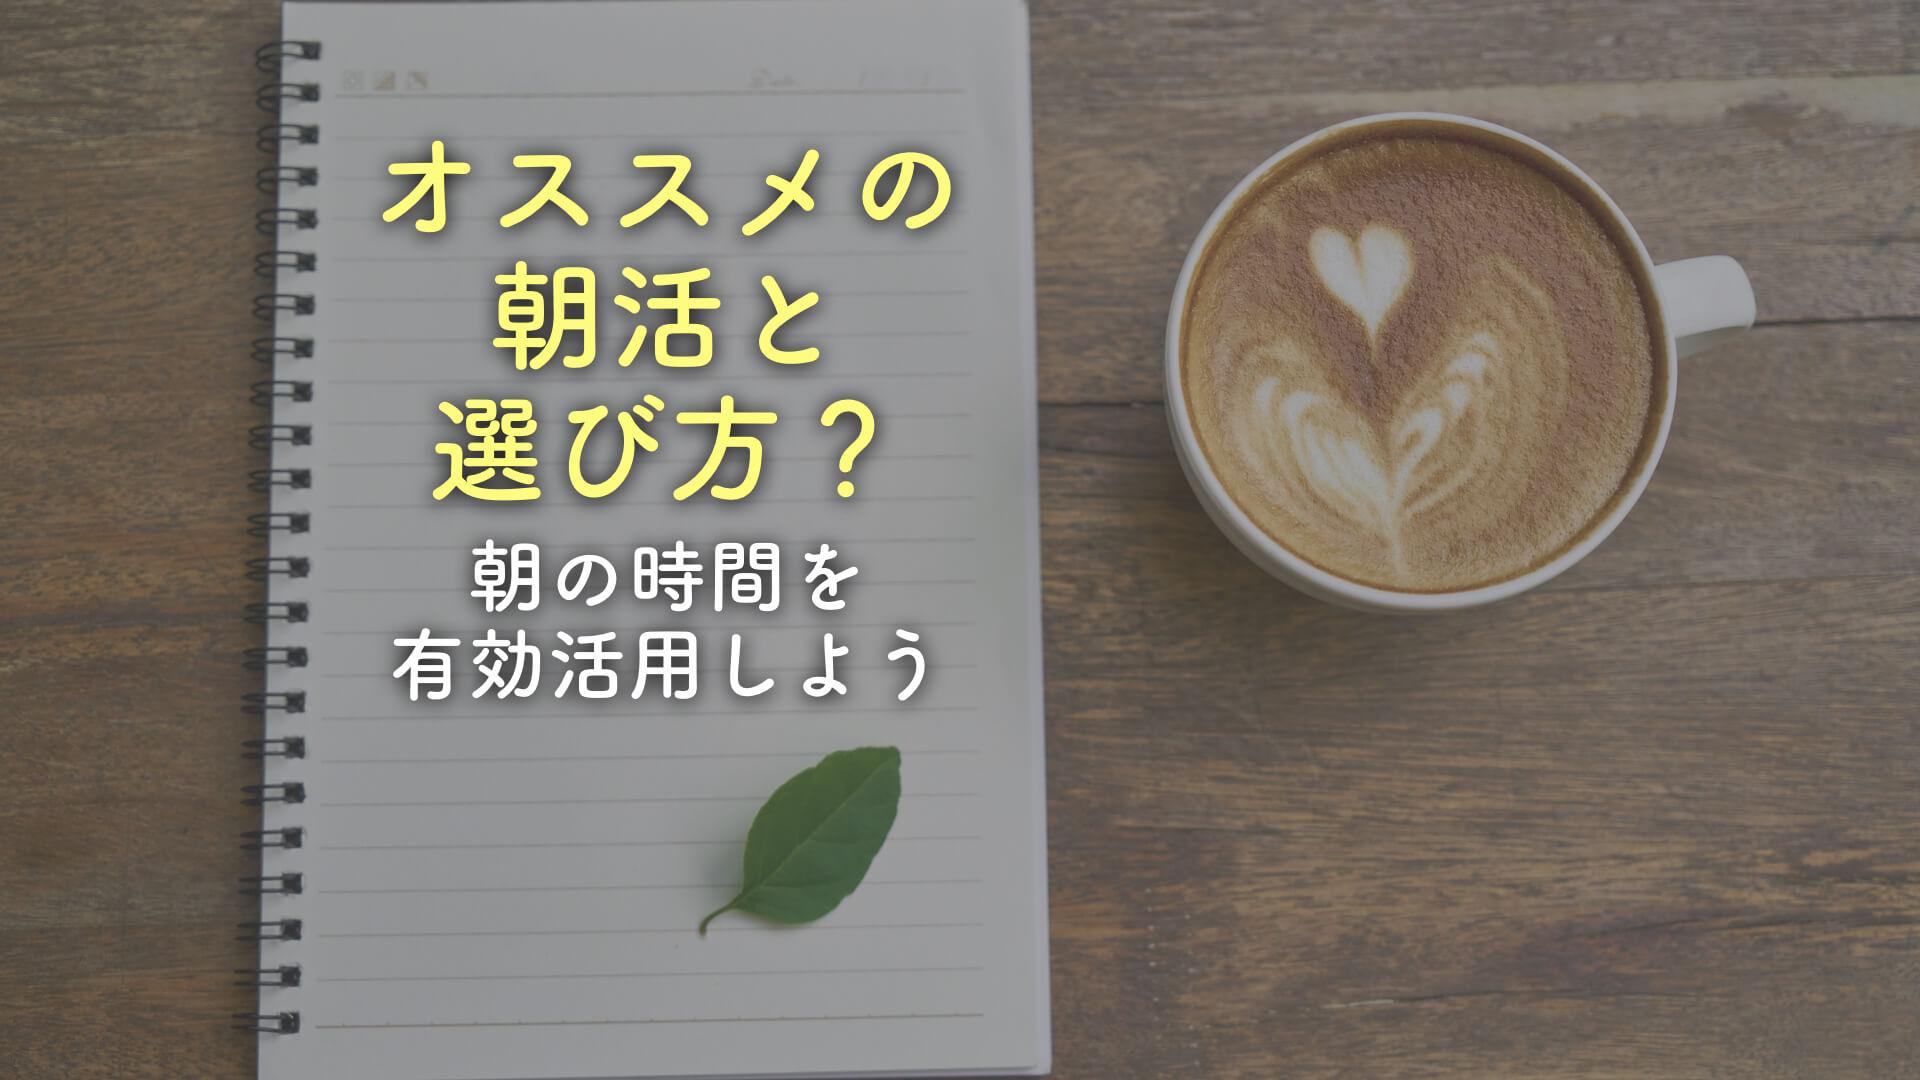 東京の朝活のオススメと選び方